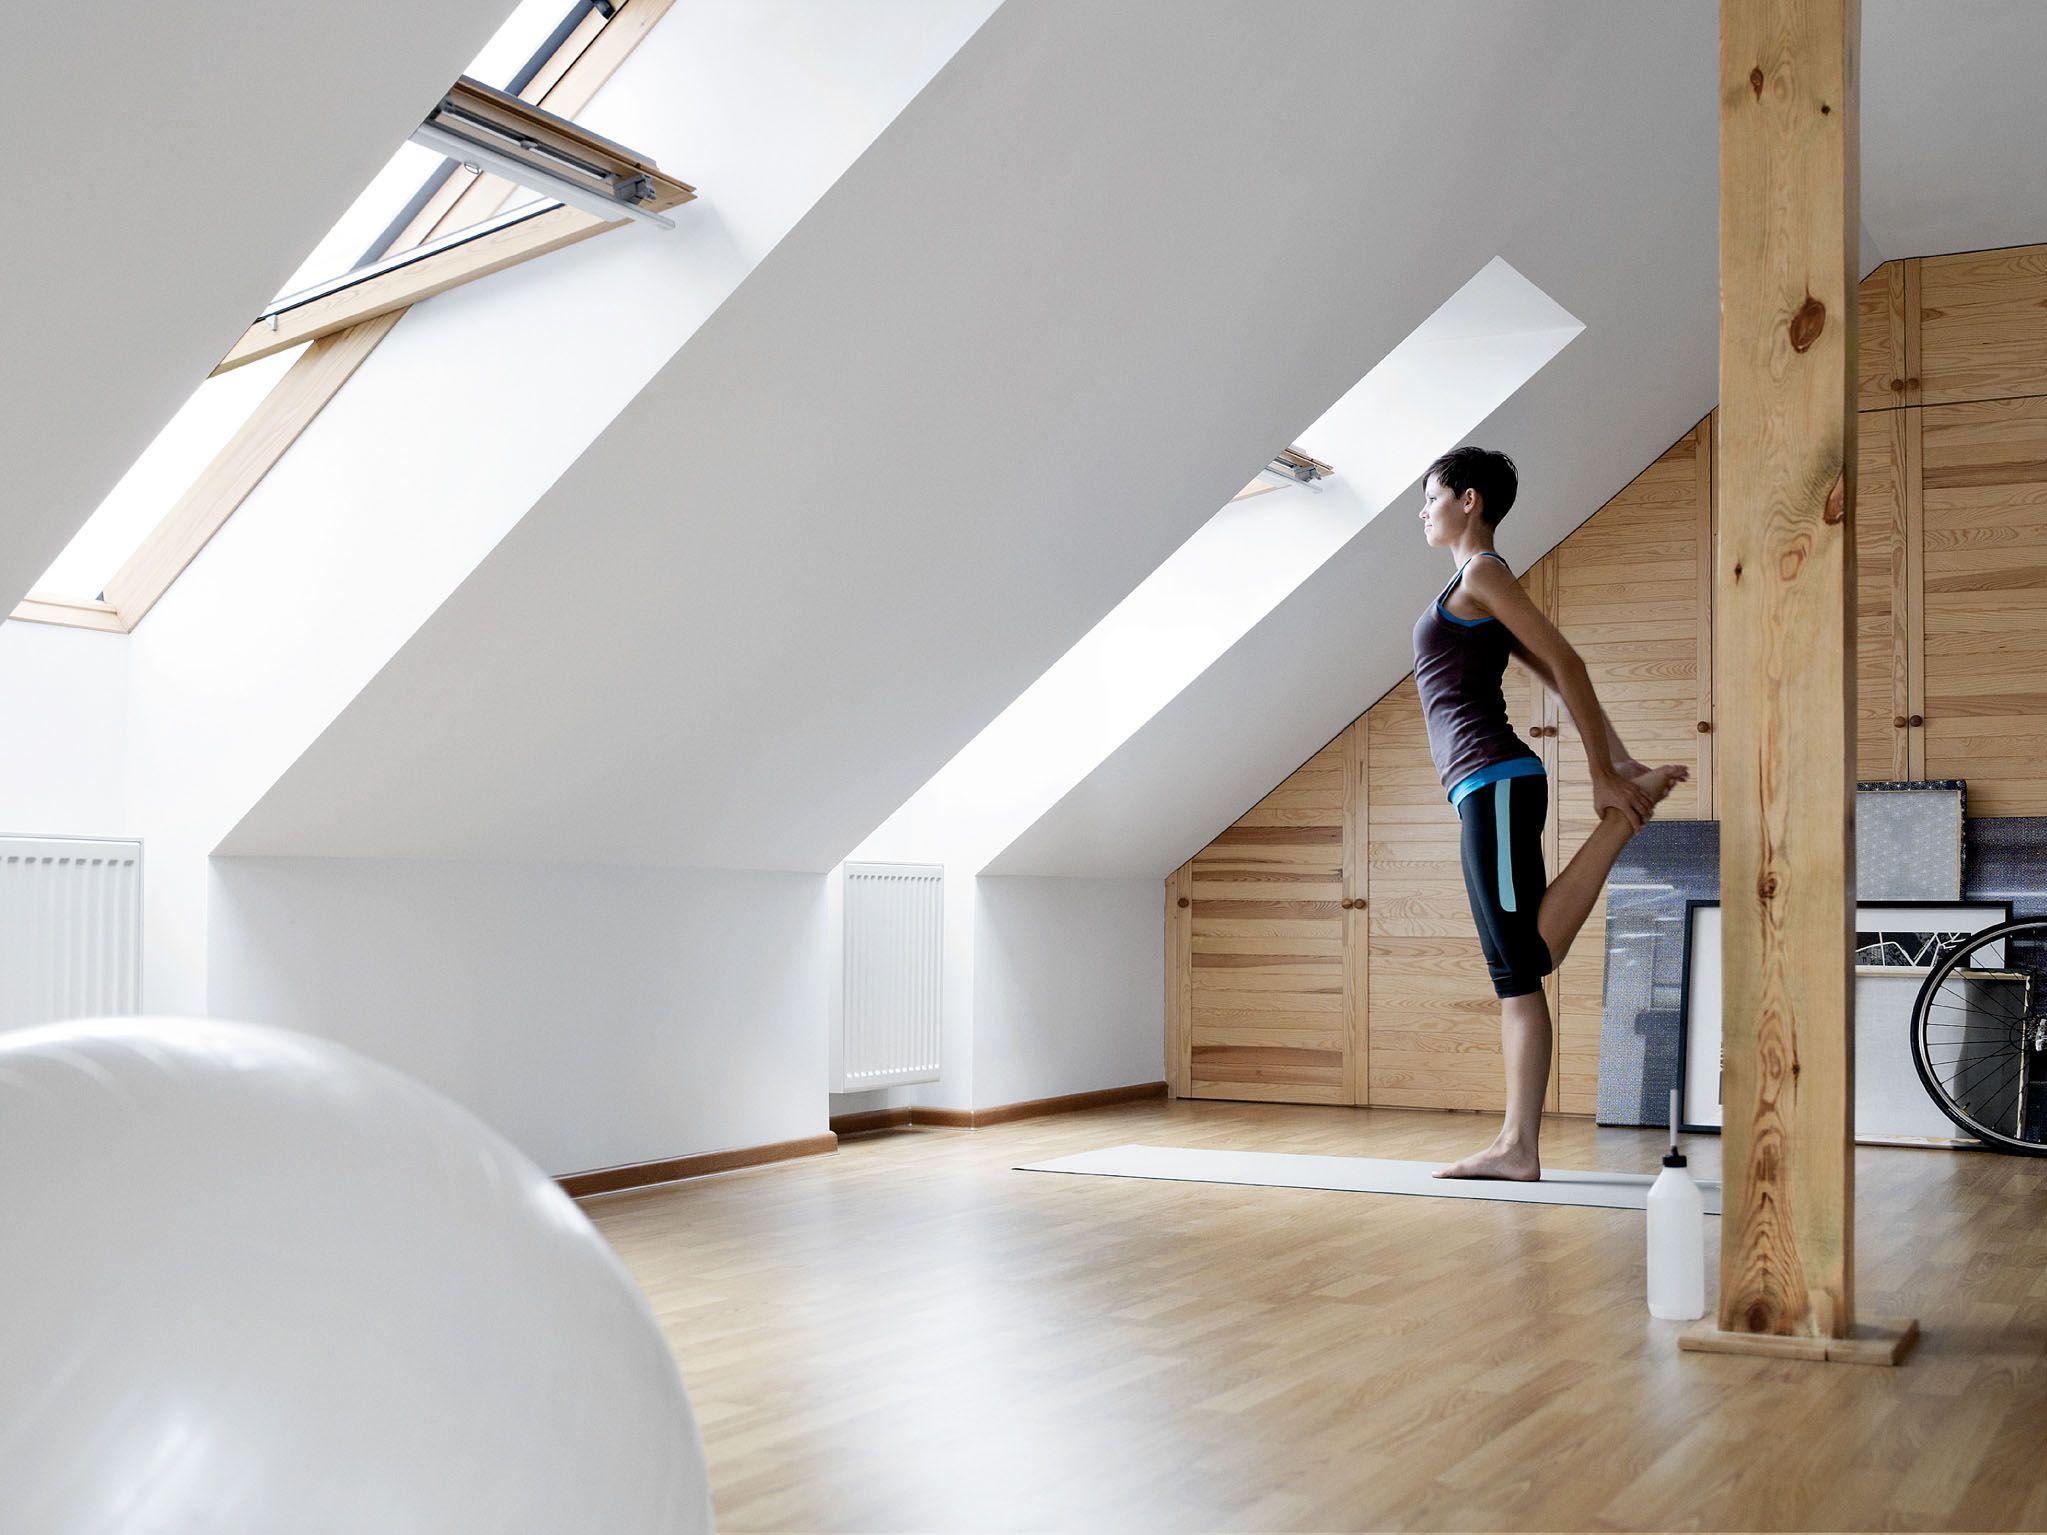 mal etwas anderes ein fitnessraum unter dem dach styling ideen f r das zuhause pinterest. Black Bedroom Furniture Sets. Home Design Ideas